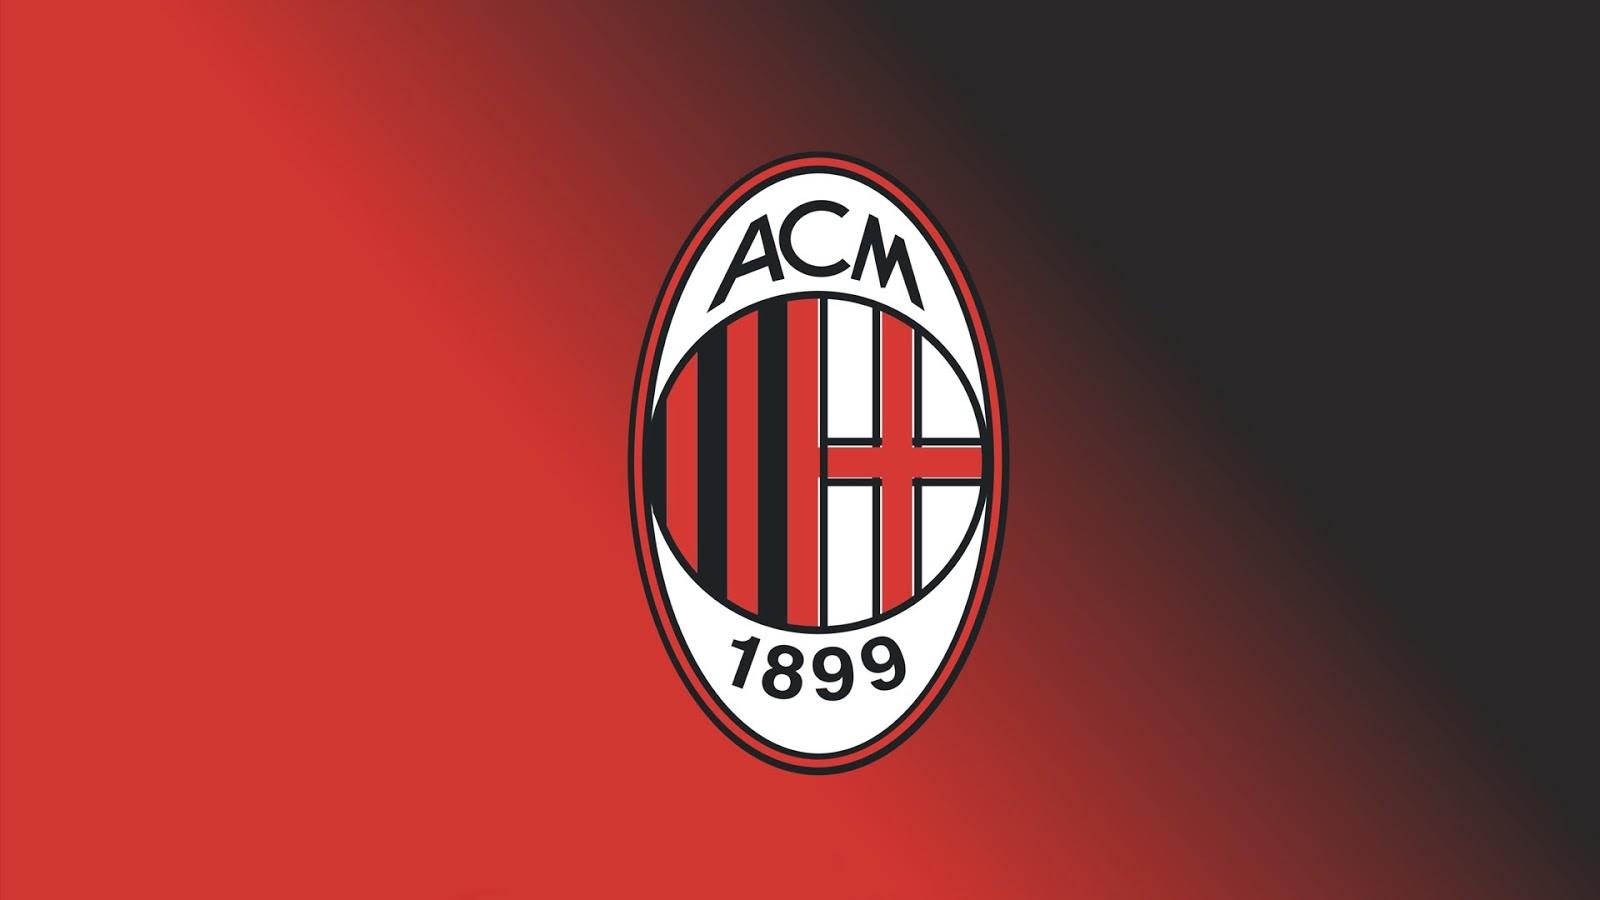 http://3.bp.blogspot.com/-g27Ss9VrMbg/UUcIO-b-PyI/AAAAAAAAFZI/oCX_4YUjW4k/s1600/AC-Milan-Logo-HD-Wallpapers+06.jpg